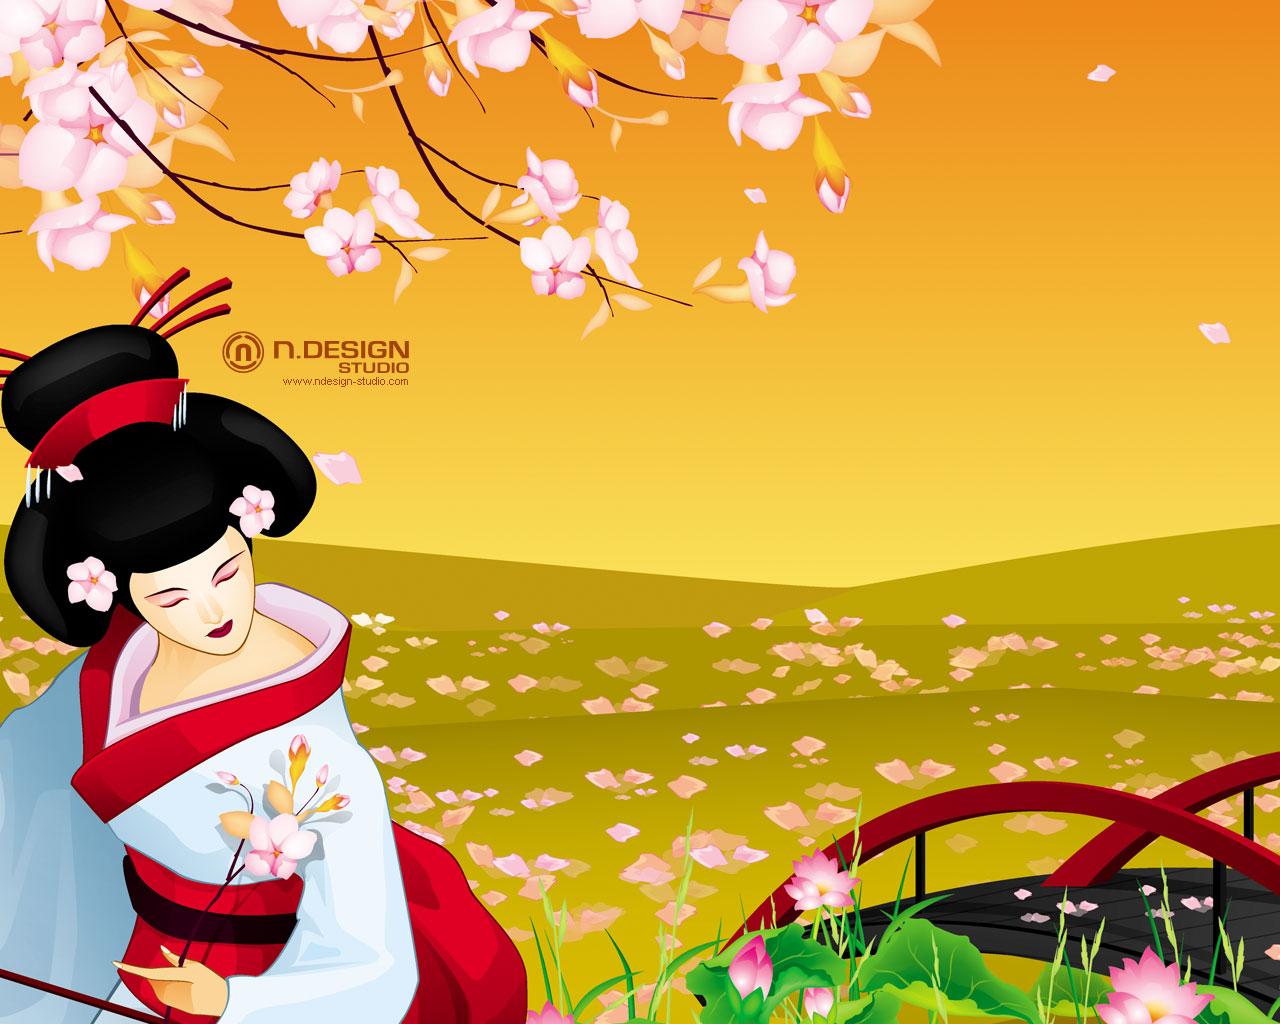 http://1.bp.blogspot.com/_hEeDlsg8wA4/TSWcSMdZnWI/AAAAAAAAA28/EfJZByfPrdI/s1600/fall-scene_1280x1024.jpg